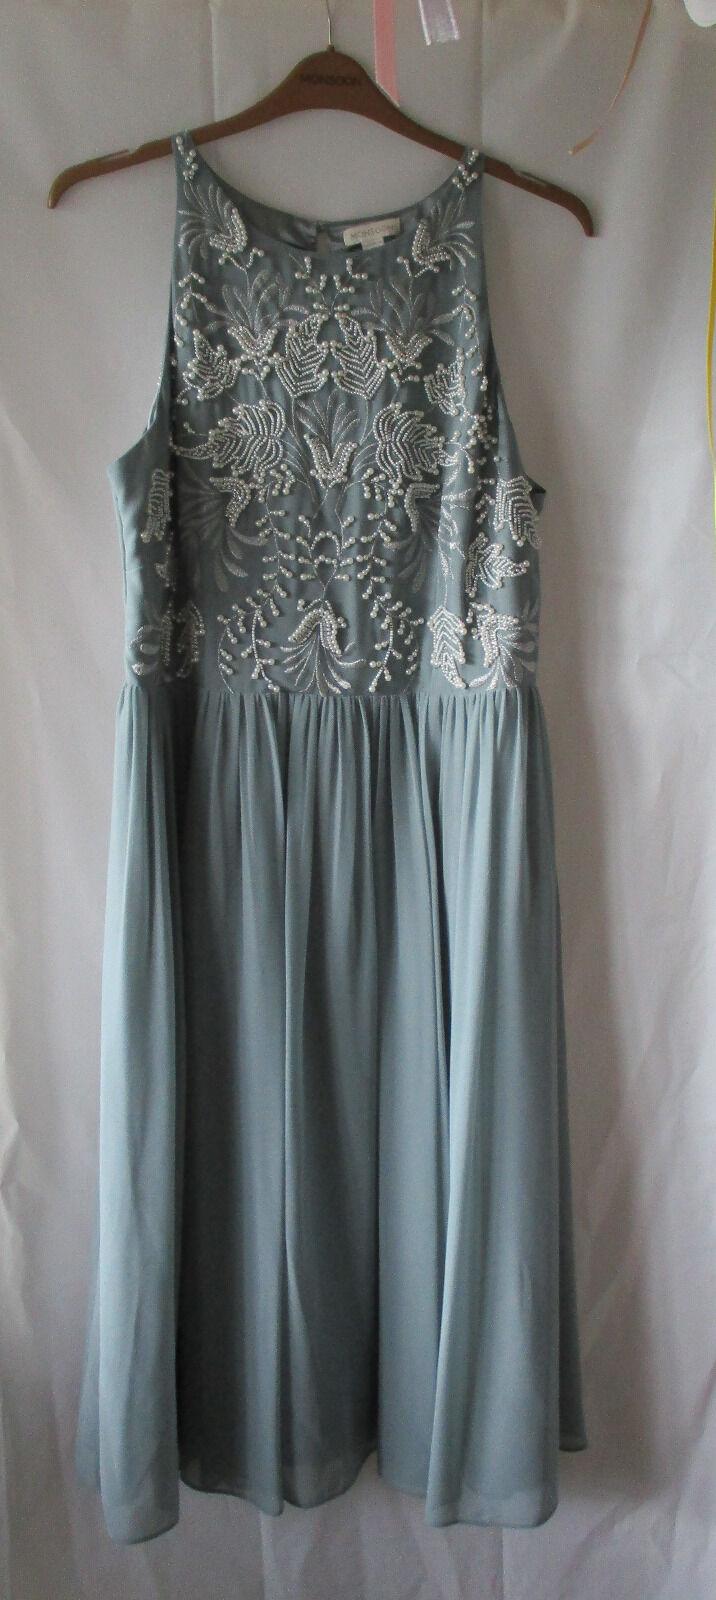 Kleid von Monsoon, Gr. 46, aufwändig gearbeitet